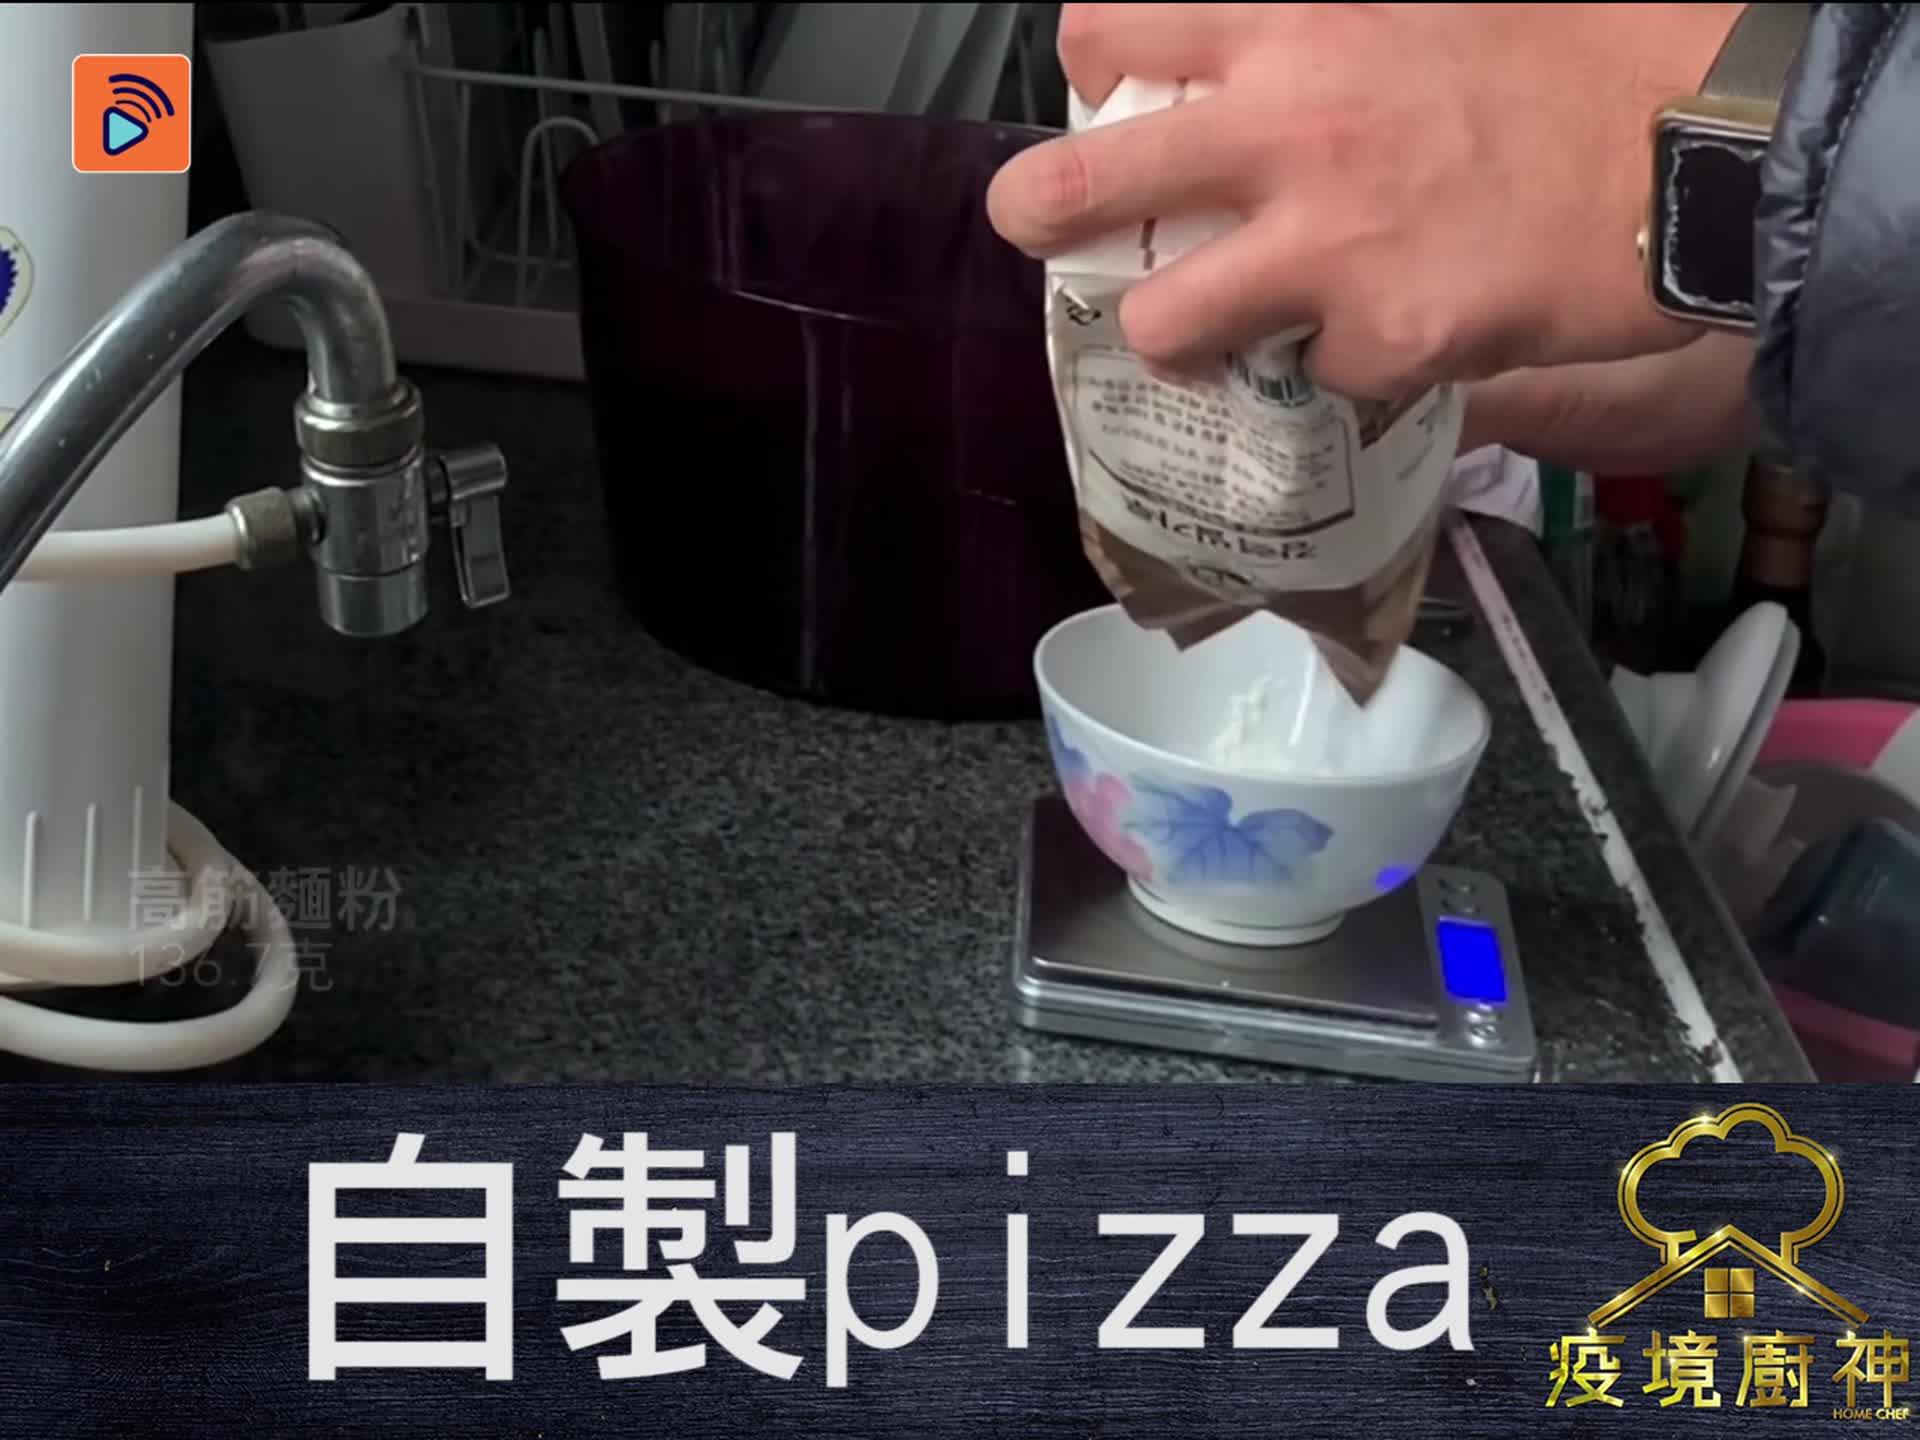 【自製pizza】厚薄隨意!形狀隨心!Homemade薄餅想食就整!